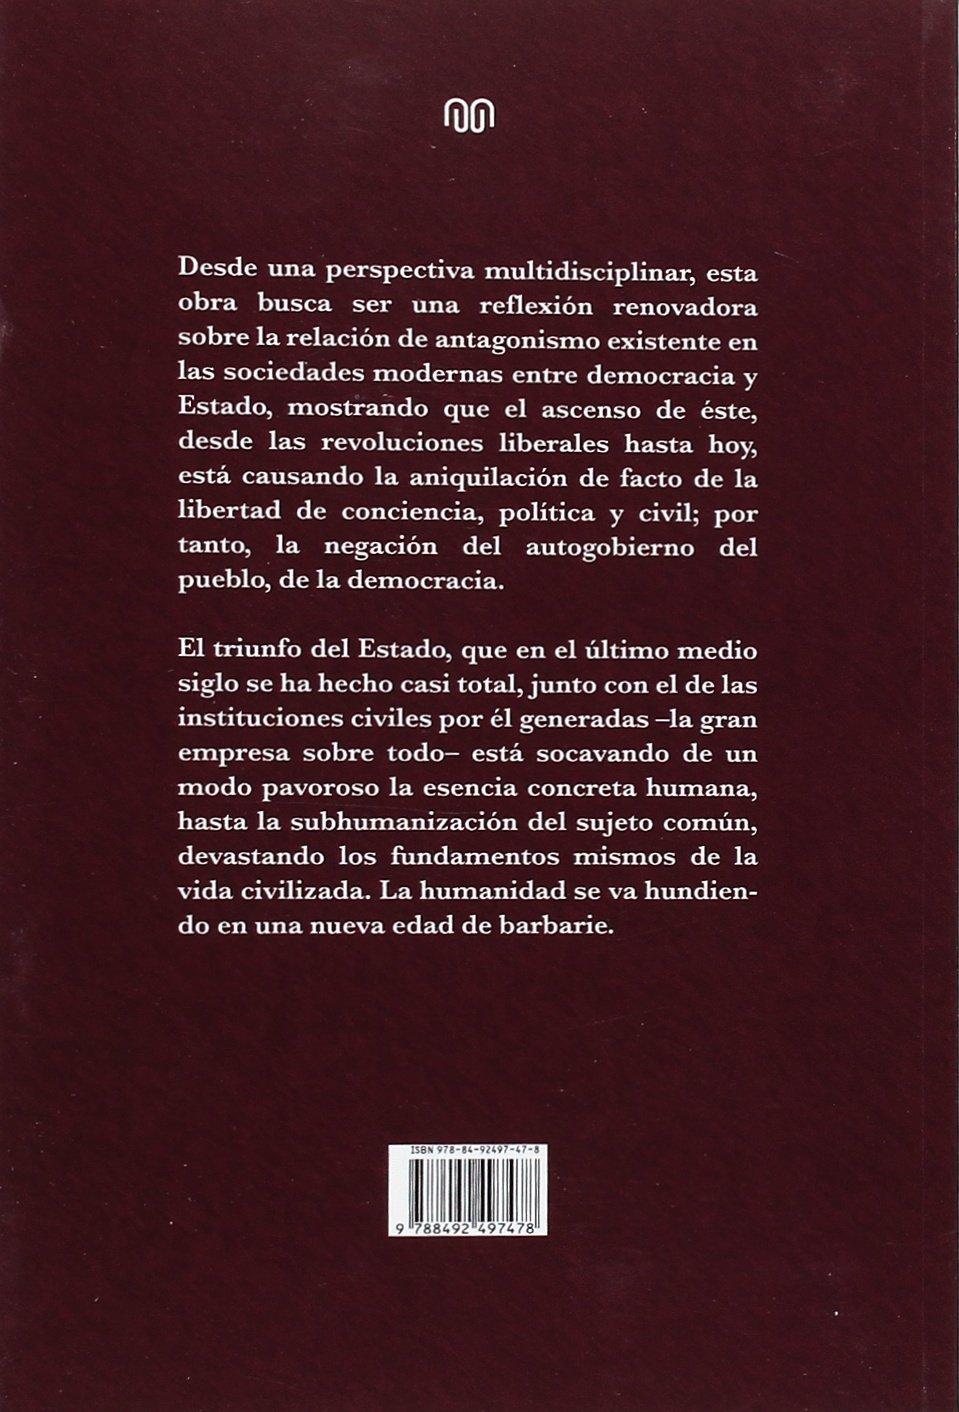 La Democracia Y El Triunfo Del Estado: Amazon.es: Félix Rodrigo Mora: Libros